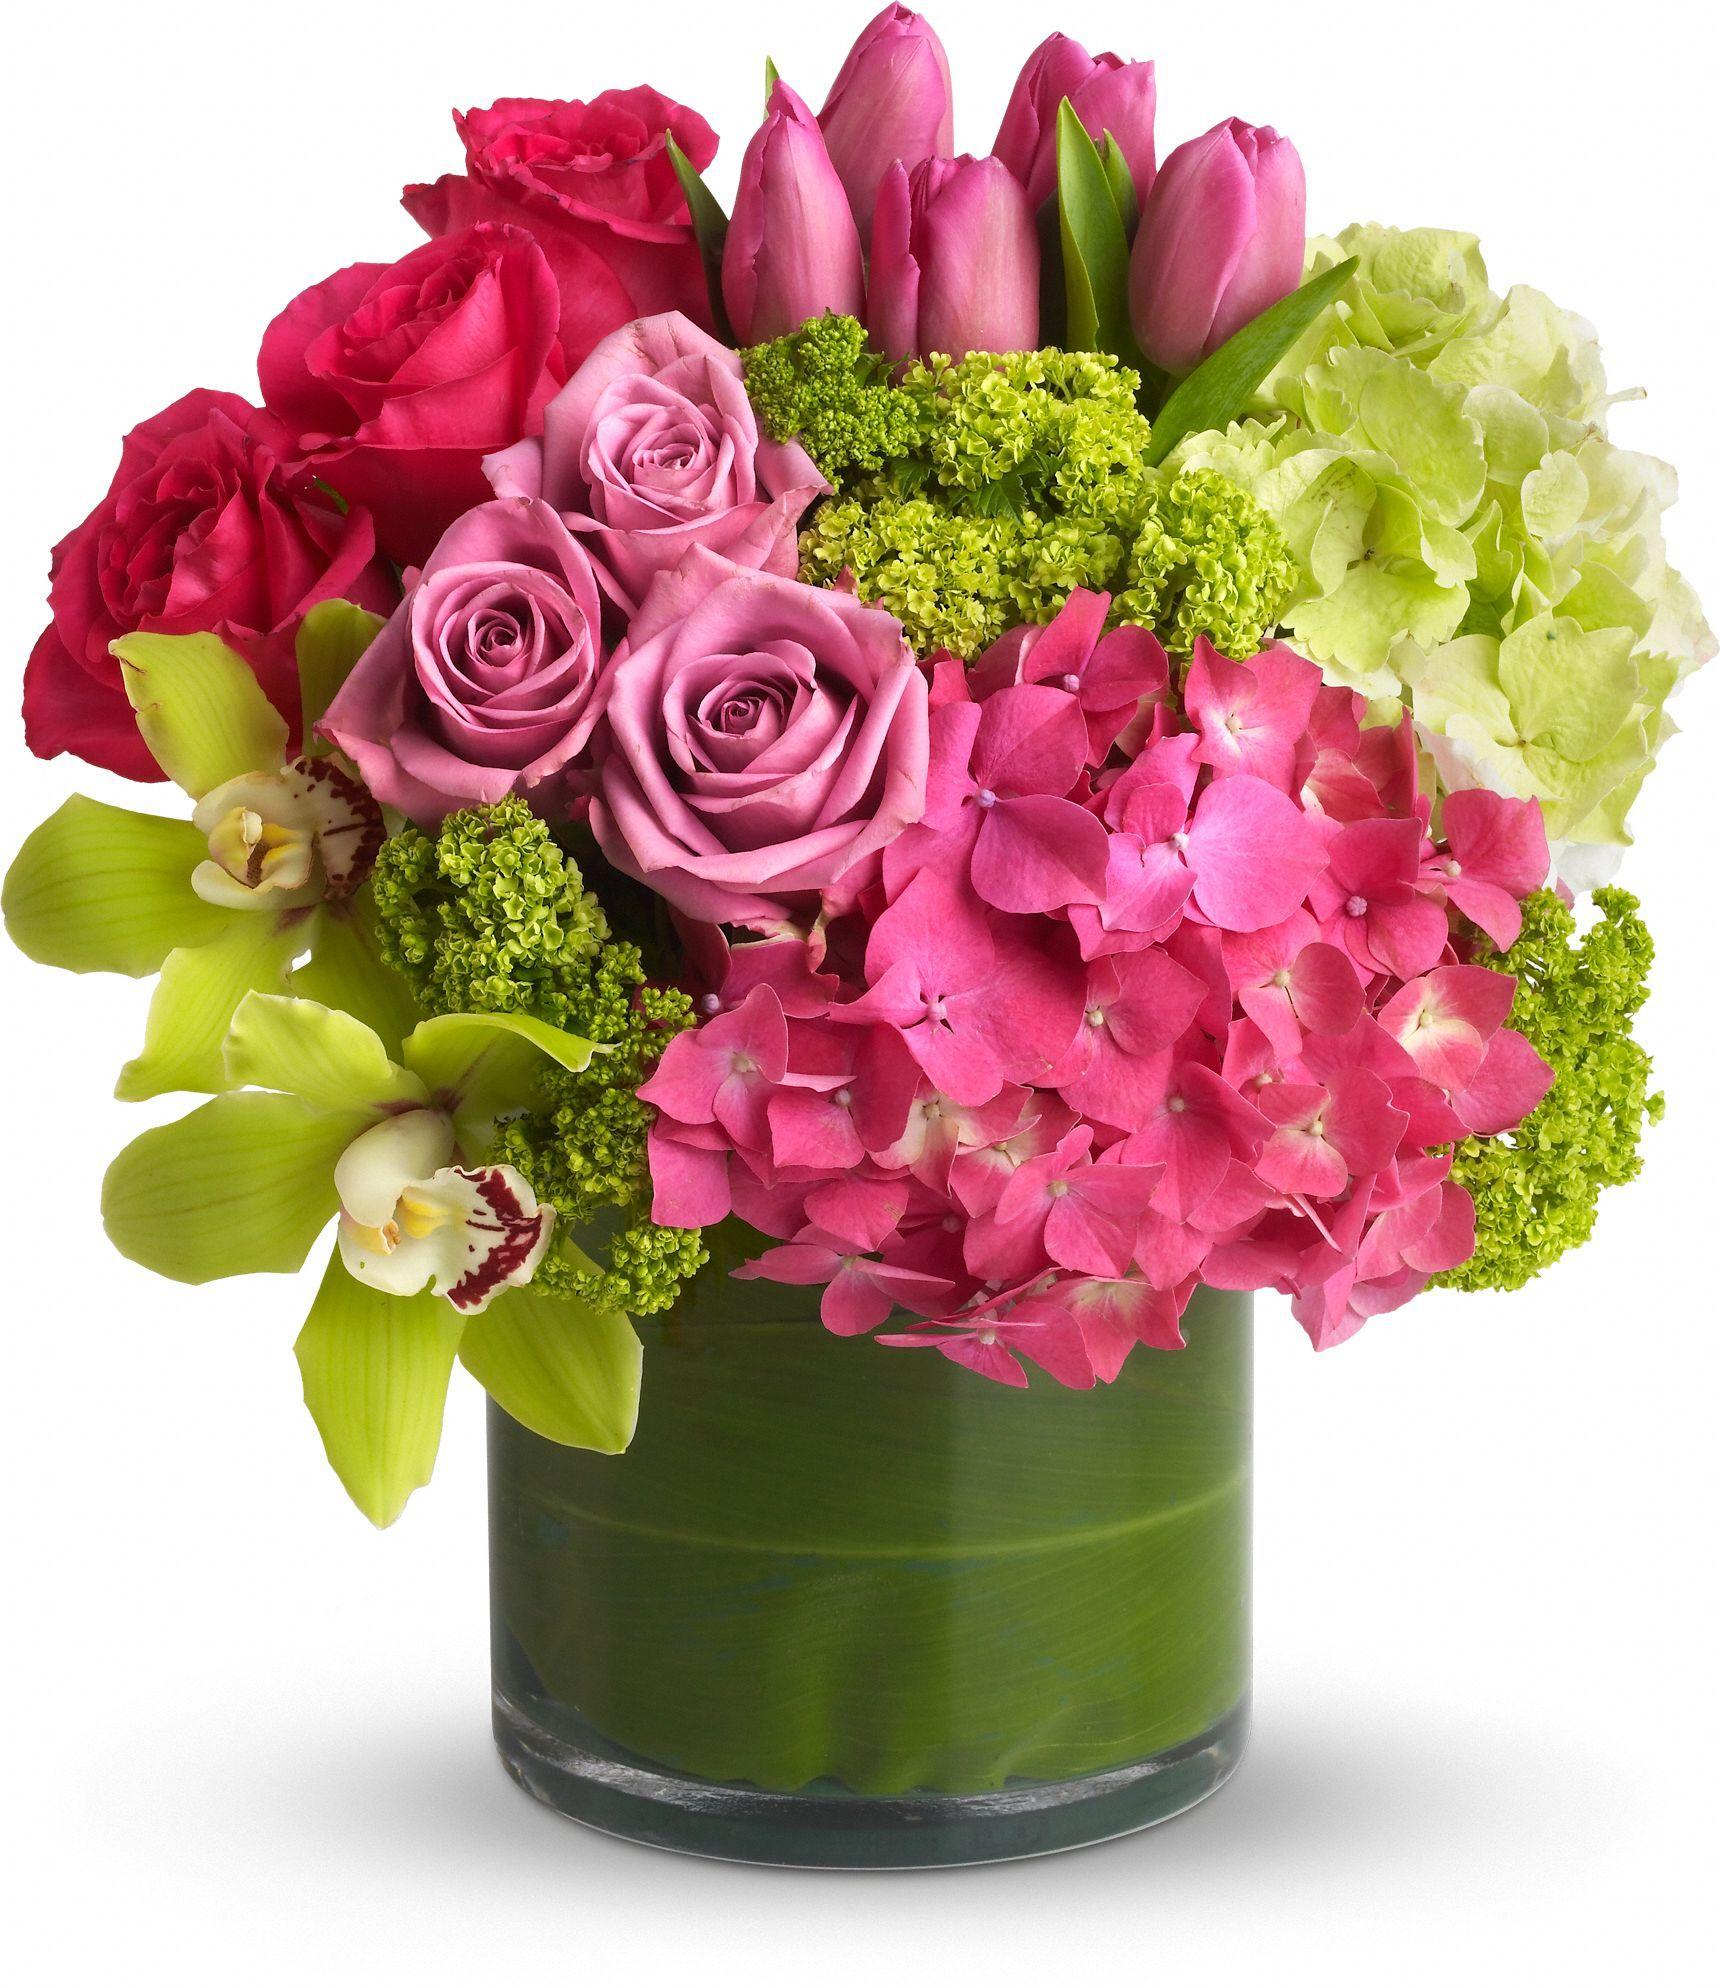 Hydrangea rose and tulip bouquet love the idea of lining a vase hydrangea rose and tulip bouquet love the idea of lining a vase with green leaves izmirmasajfo